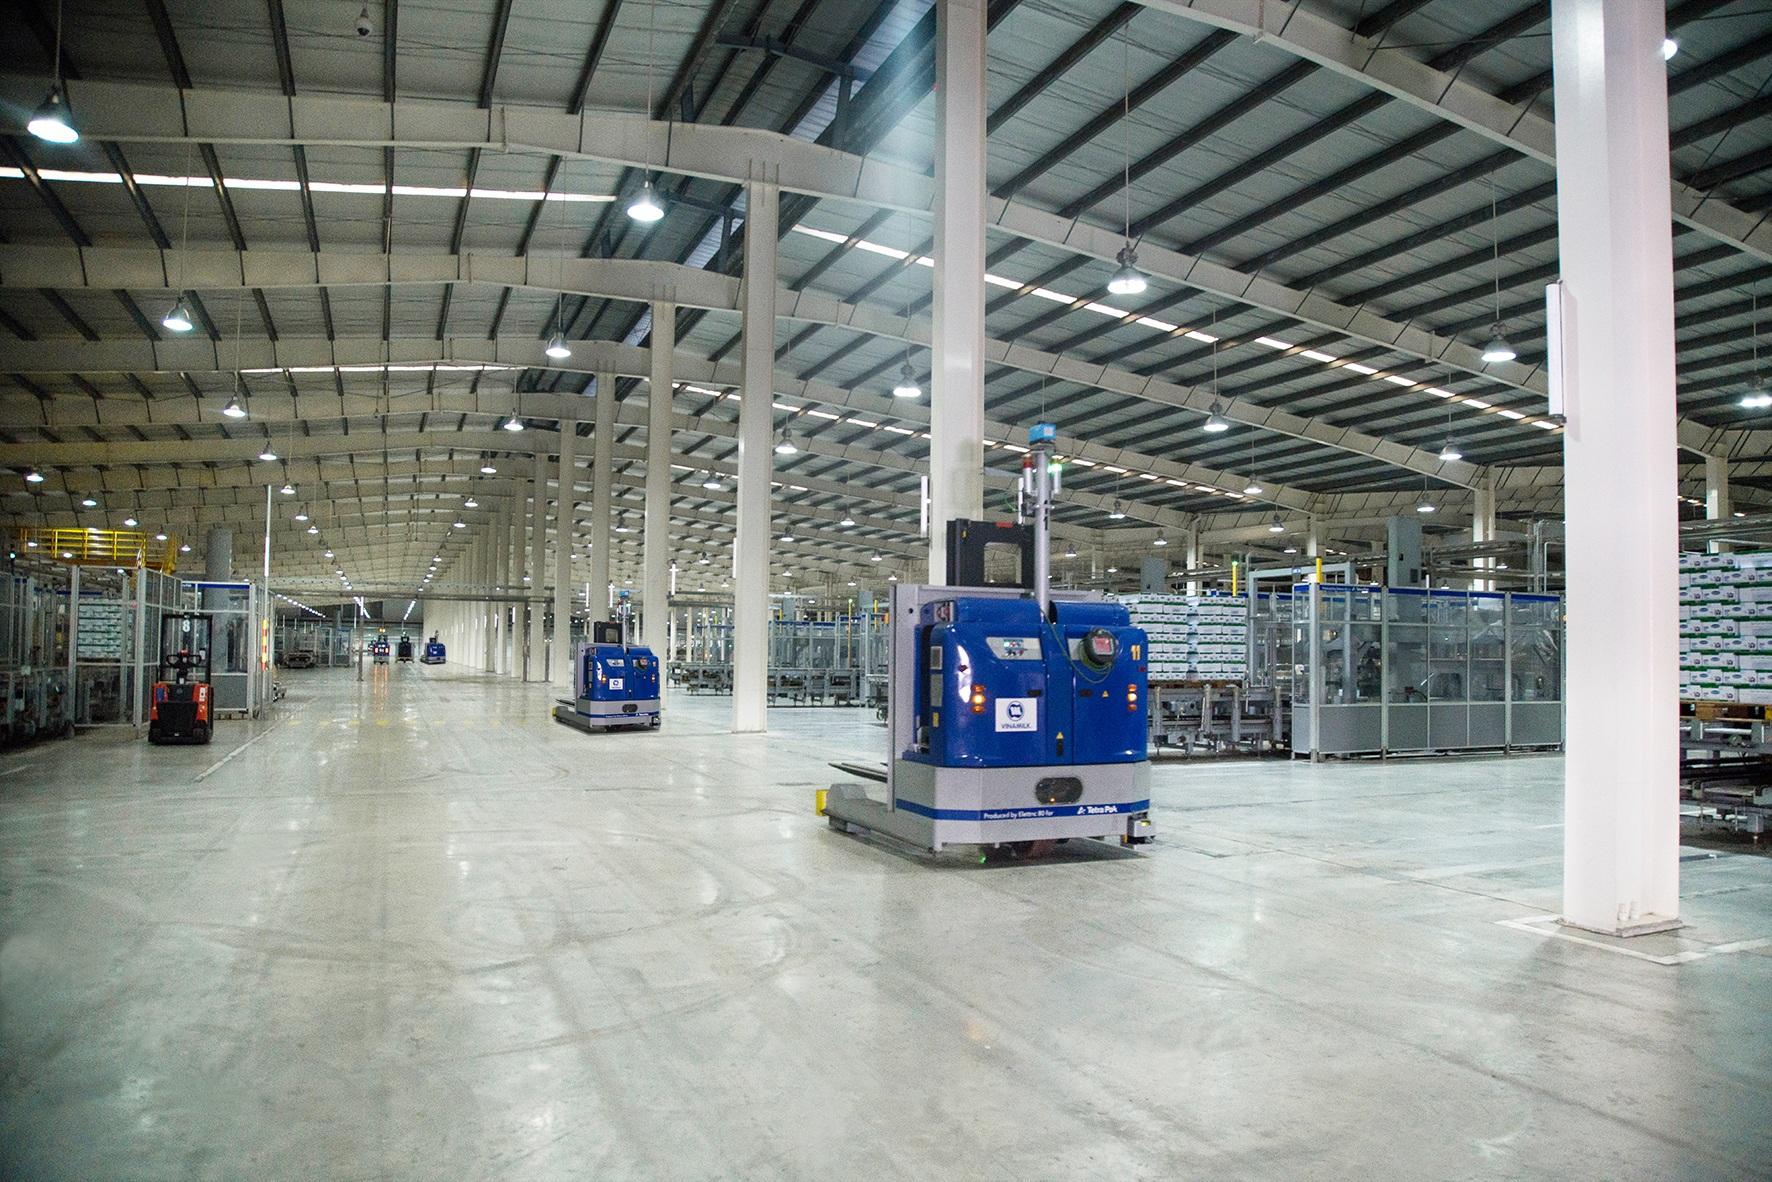 Nhà máy sữa Việt Nam là một trong hai siêu nhà máy do Vinamilk đầu tư tại Bình Dương, có tổng vốn đầu tư hơn 2.400 tỷ đồng, trong đó phần lớn chi phí dành cho việc sử dụng công nghệ tích hợp và tự động hiện đại bậc nhất thế giới mà Tetra Pak (Thụy Điển) từng xây dựng.